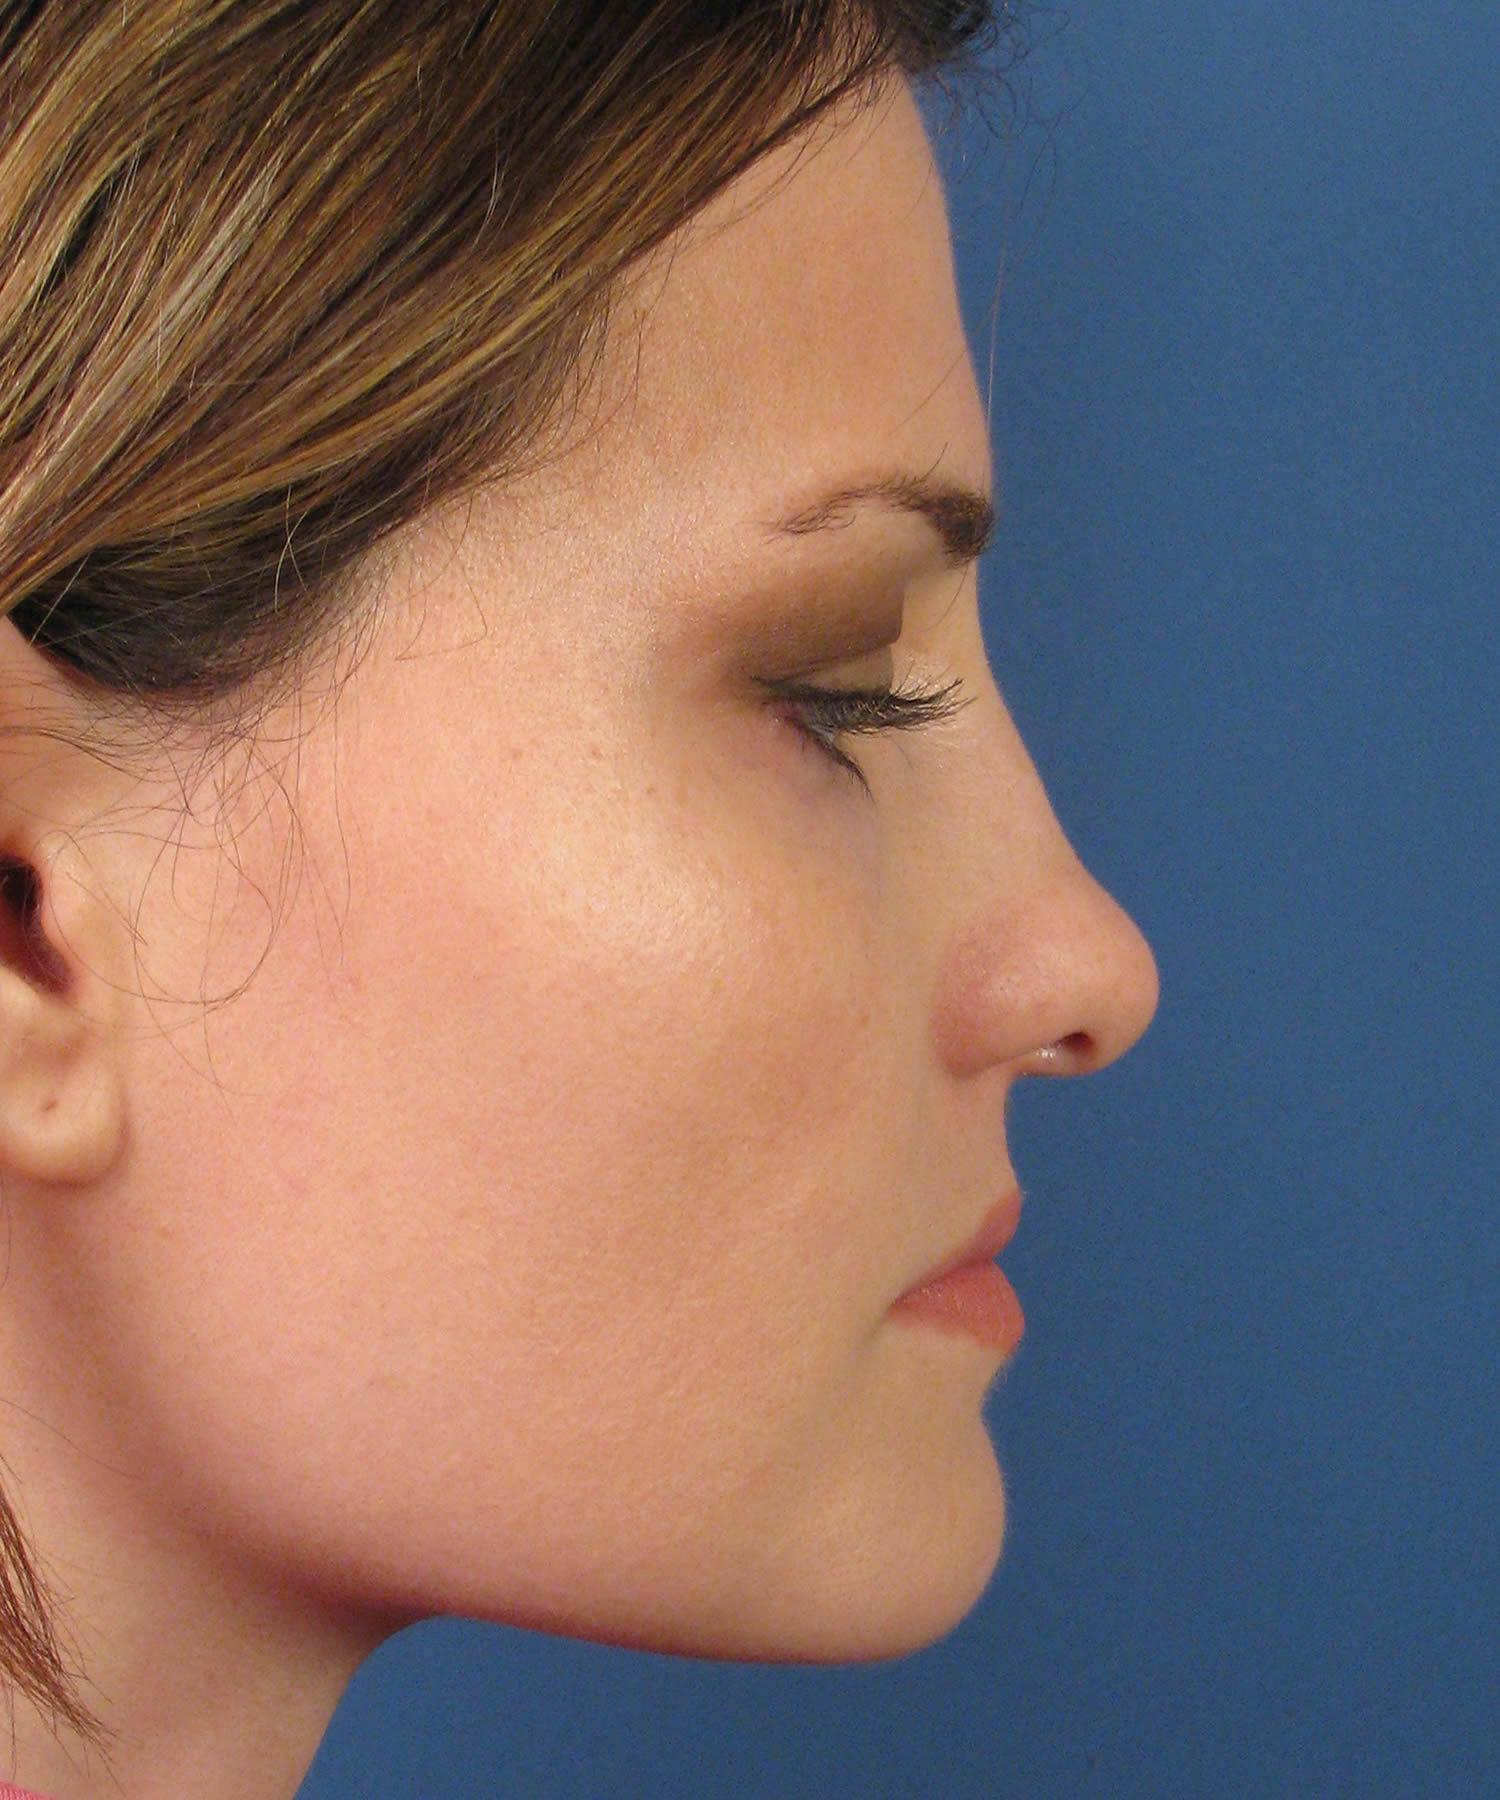 польский нос фото индийского искусства для